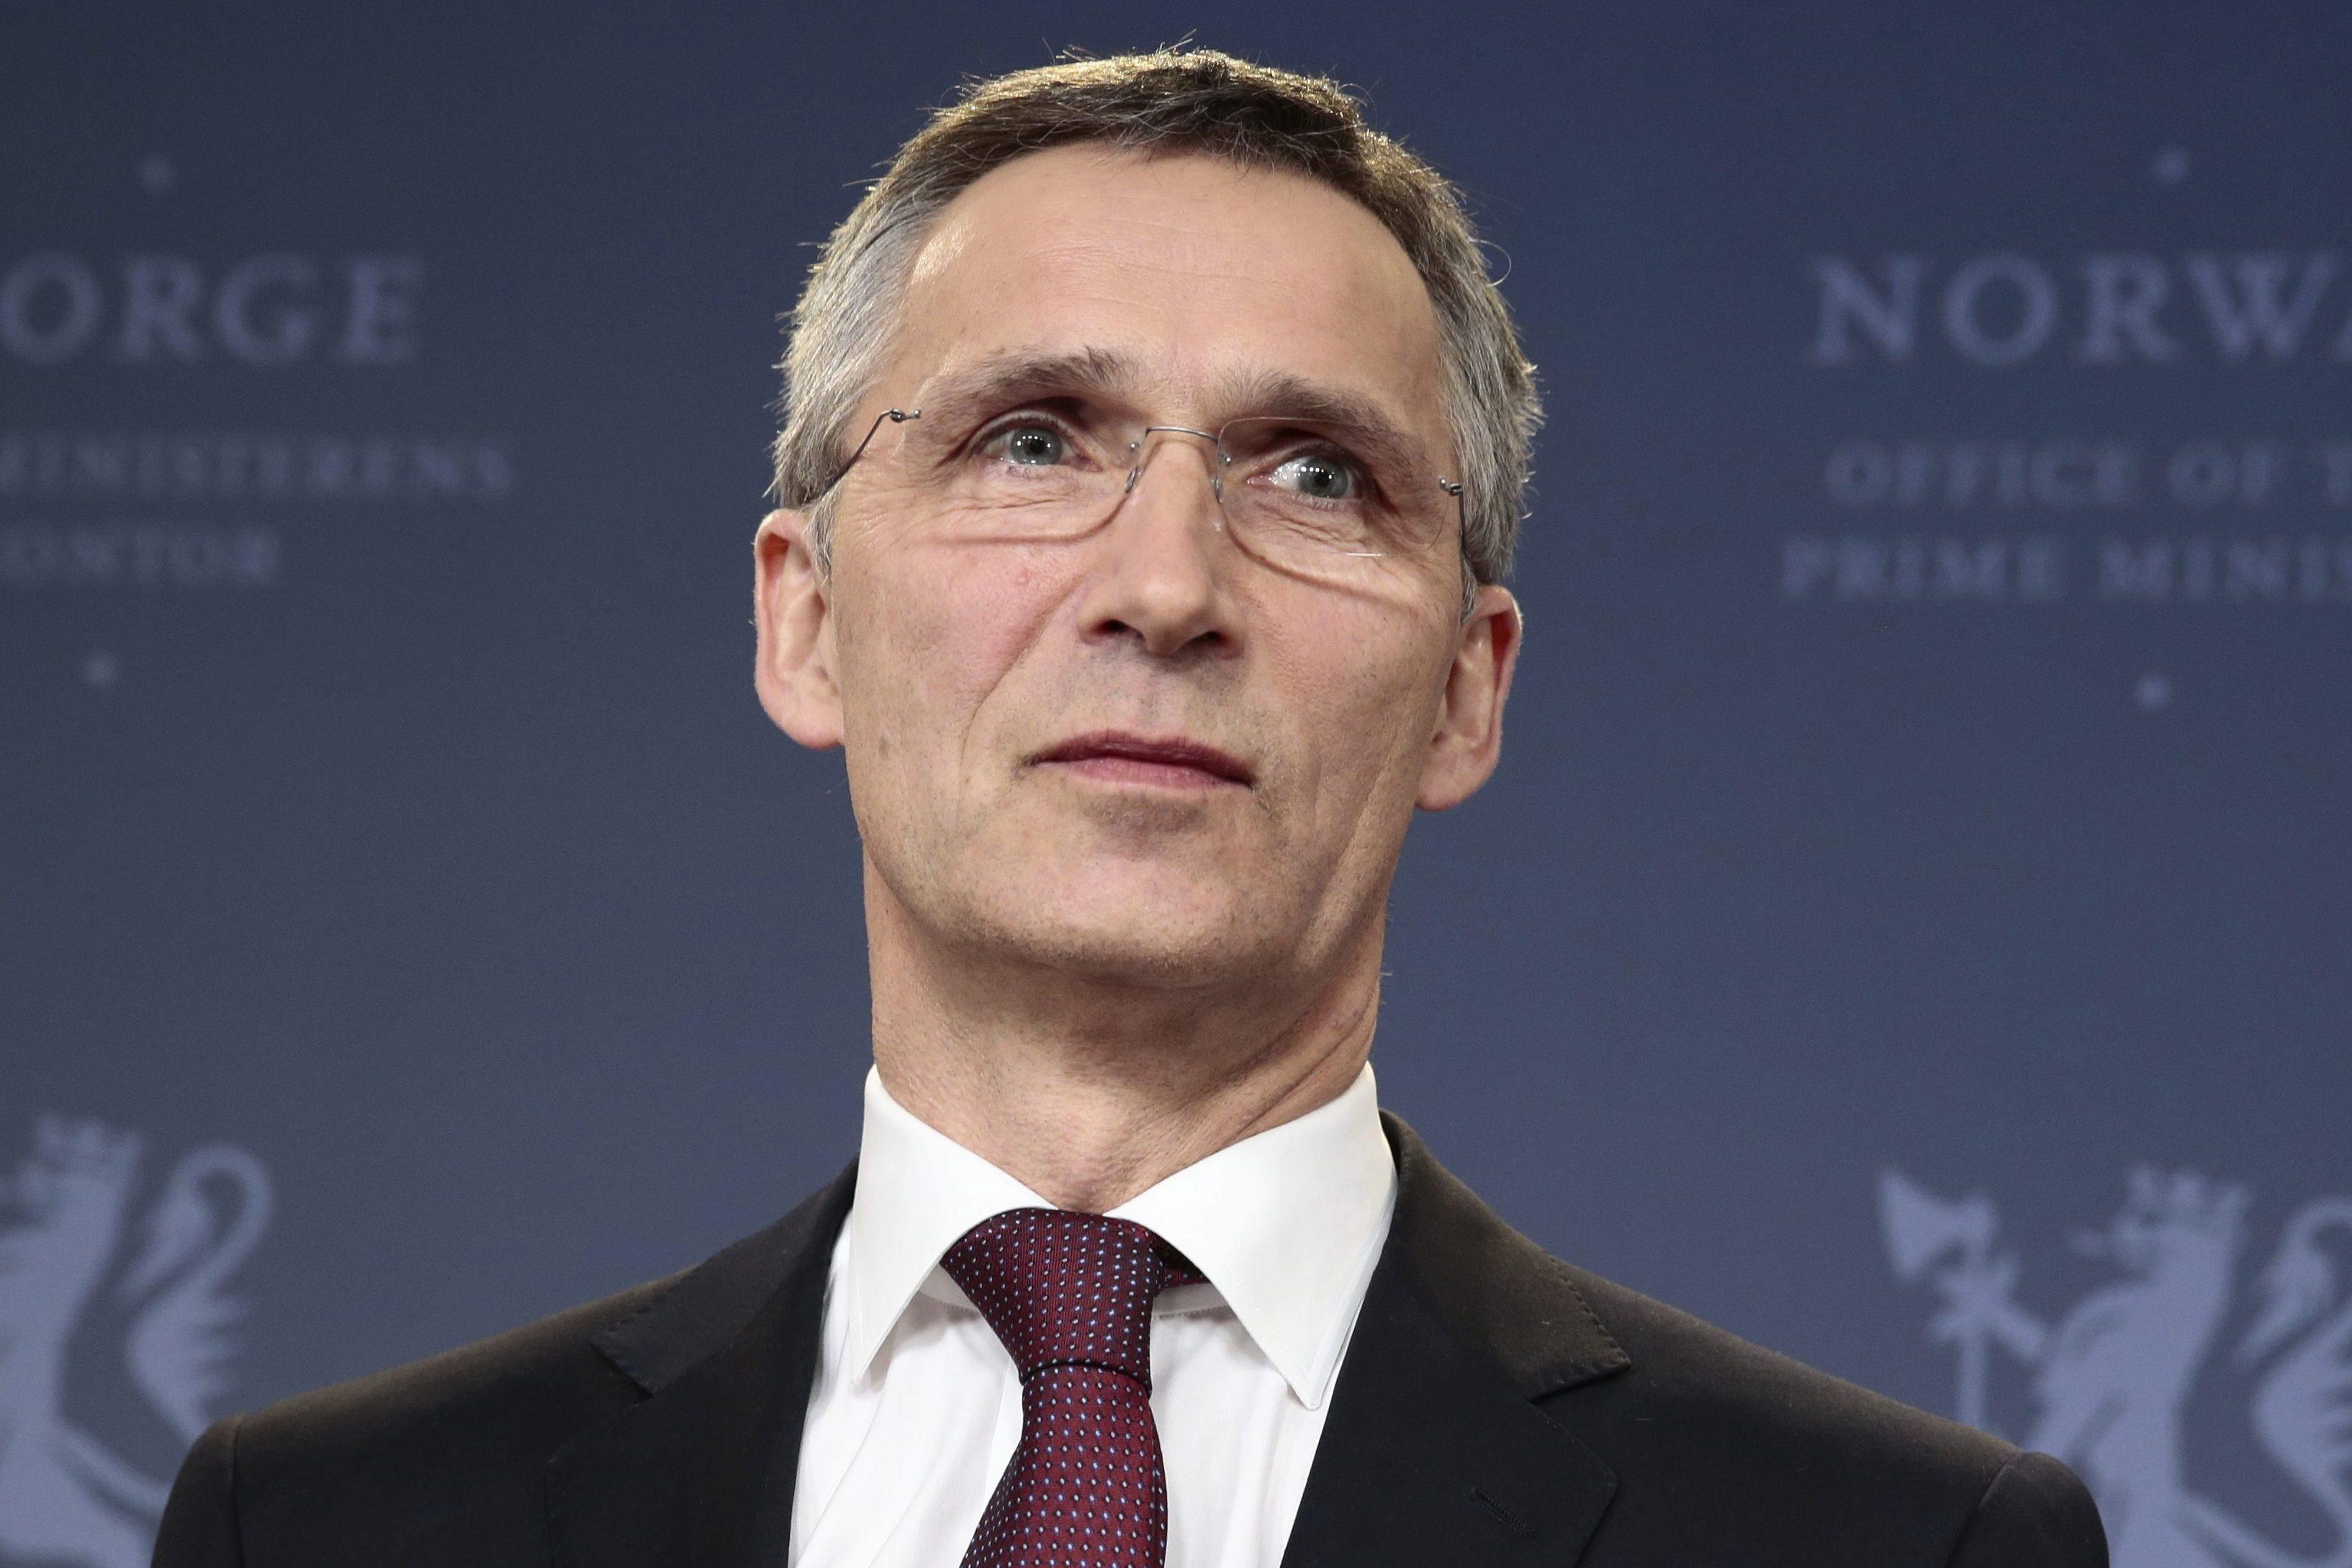 НАТО боится ударов поАлеппо сборта крейсера «Адмирал Кузнецов»